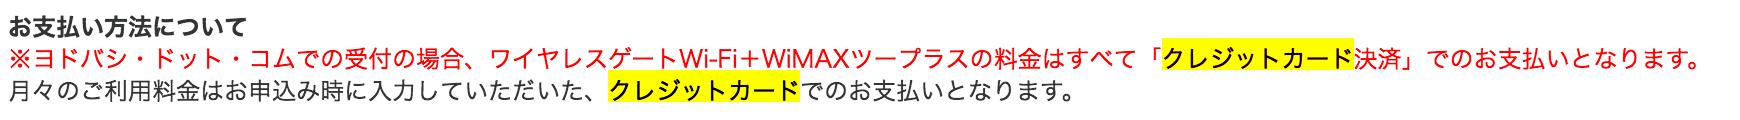 ヨドバシWiMAX/WiMAX2+の支払い方法